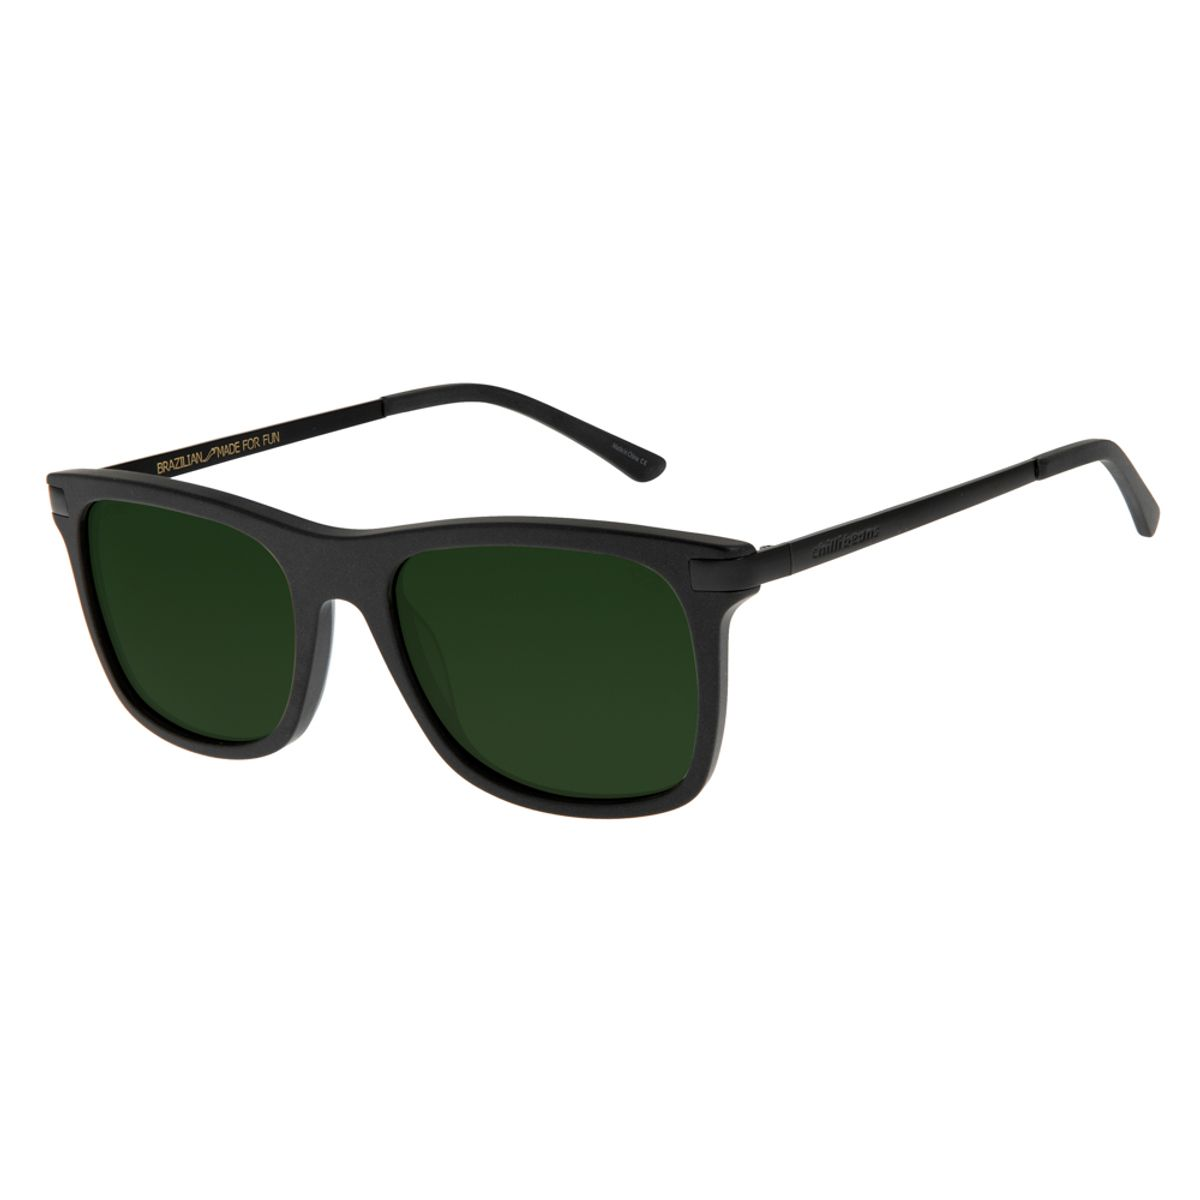 85e2f2ecf Óculos de Sol Masculino Chilli Beans Preto 2653 - OC.CL.2653.1501 M. REF:  OC.CL.2653.1501. OC.